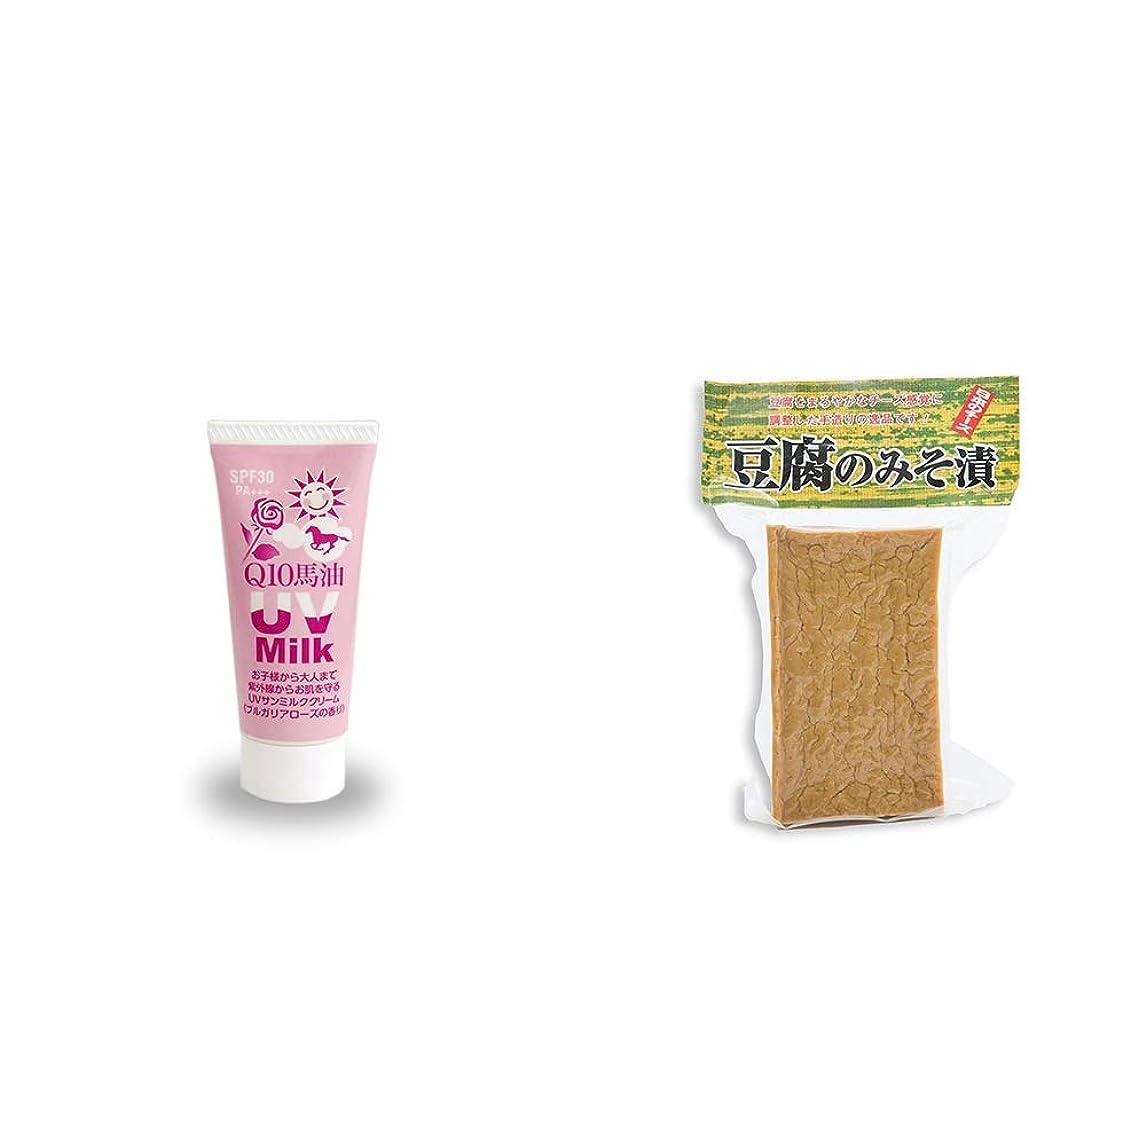 そばに思われるアンプ[2点セット] 炭黒泉 Q10馬油 UVサンミルク[ブルガリアローズ](40g)?日本のチーズ 豆腐のみそ漬(1個入)